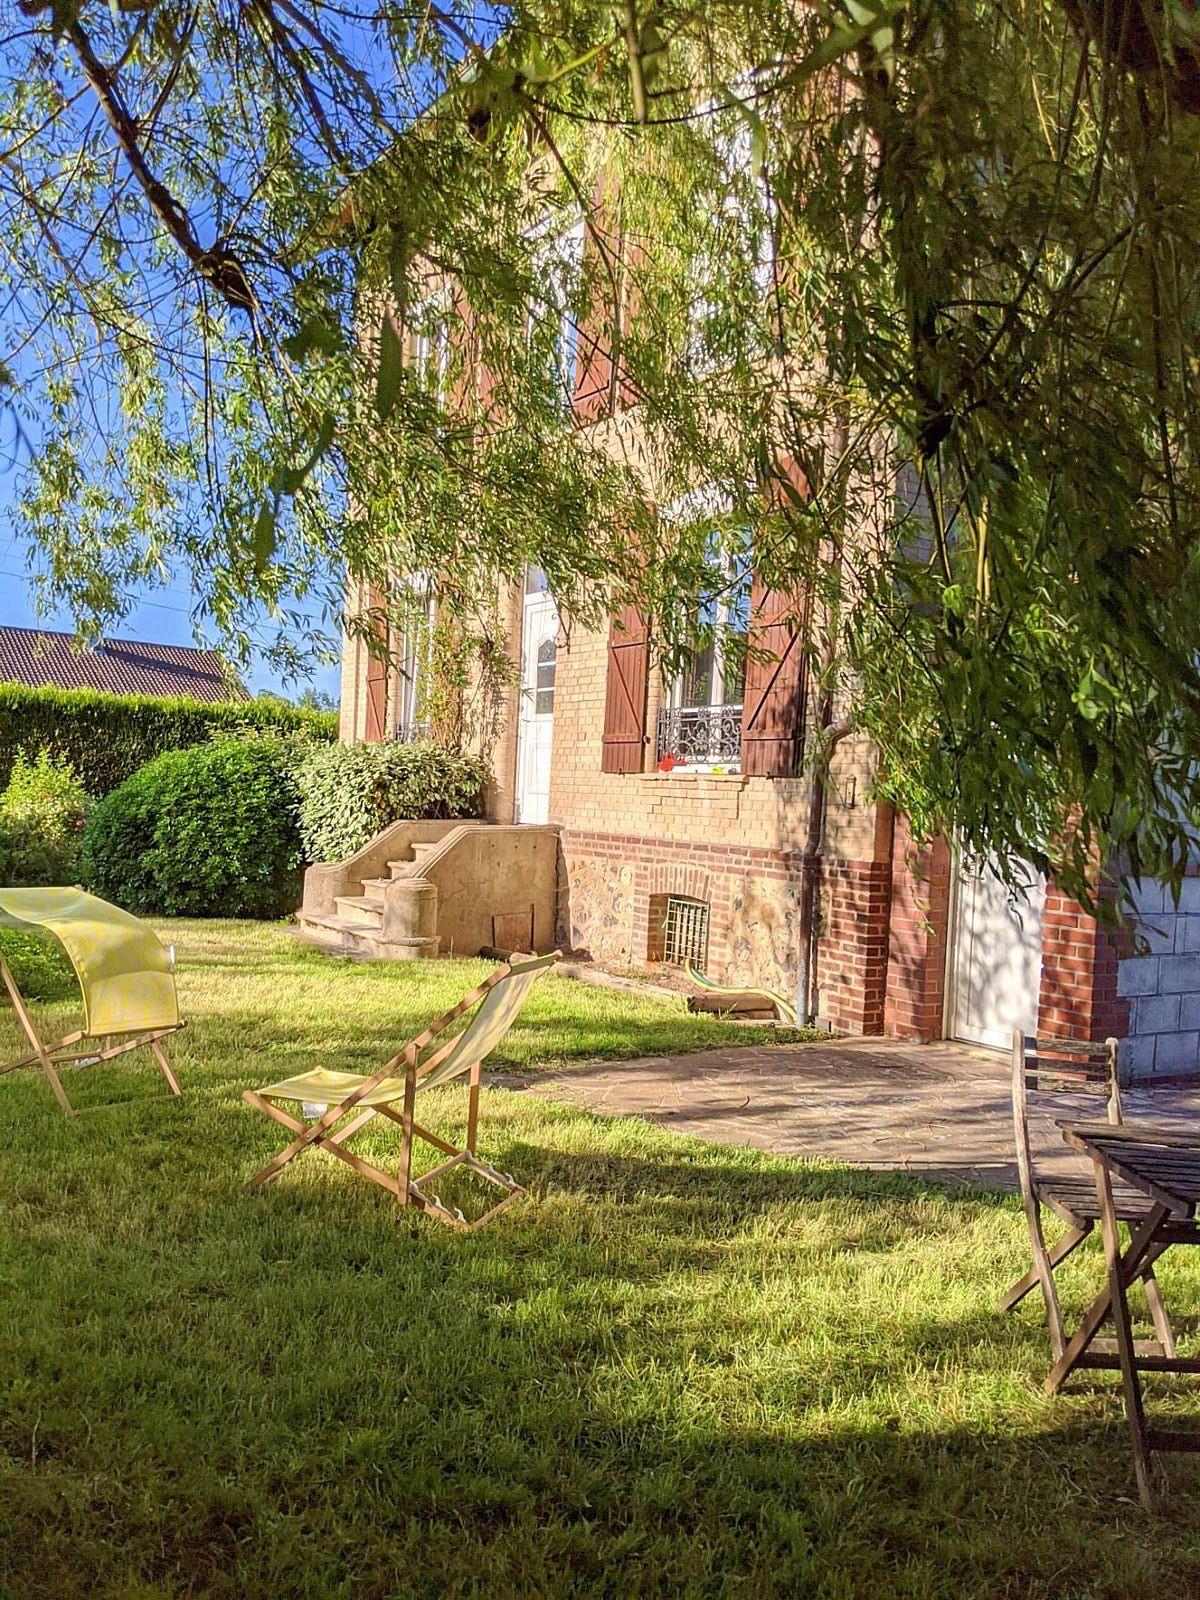 Vends une maison 4chambres 120m² + 2500m² de jardin près d'Honfleur, La Rivière-Saint-Sauveur (14)